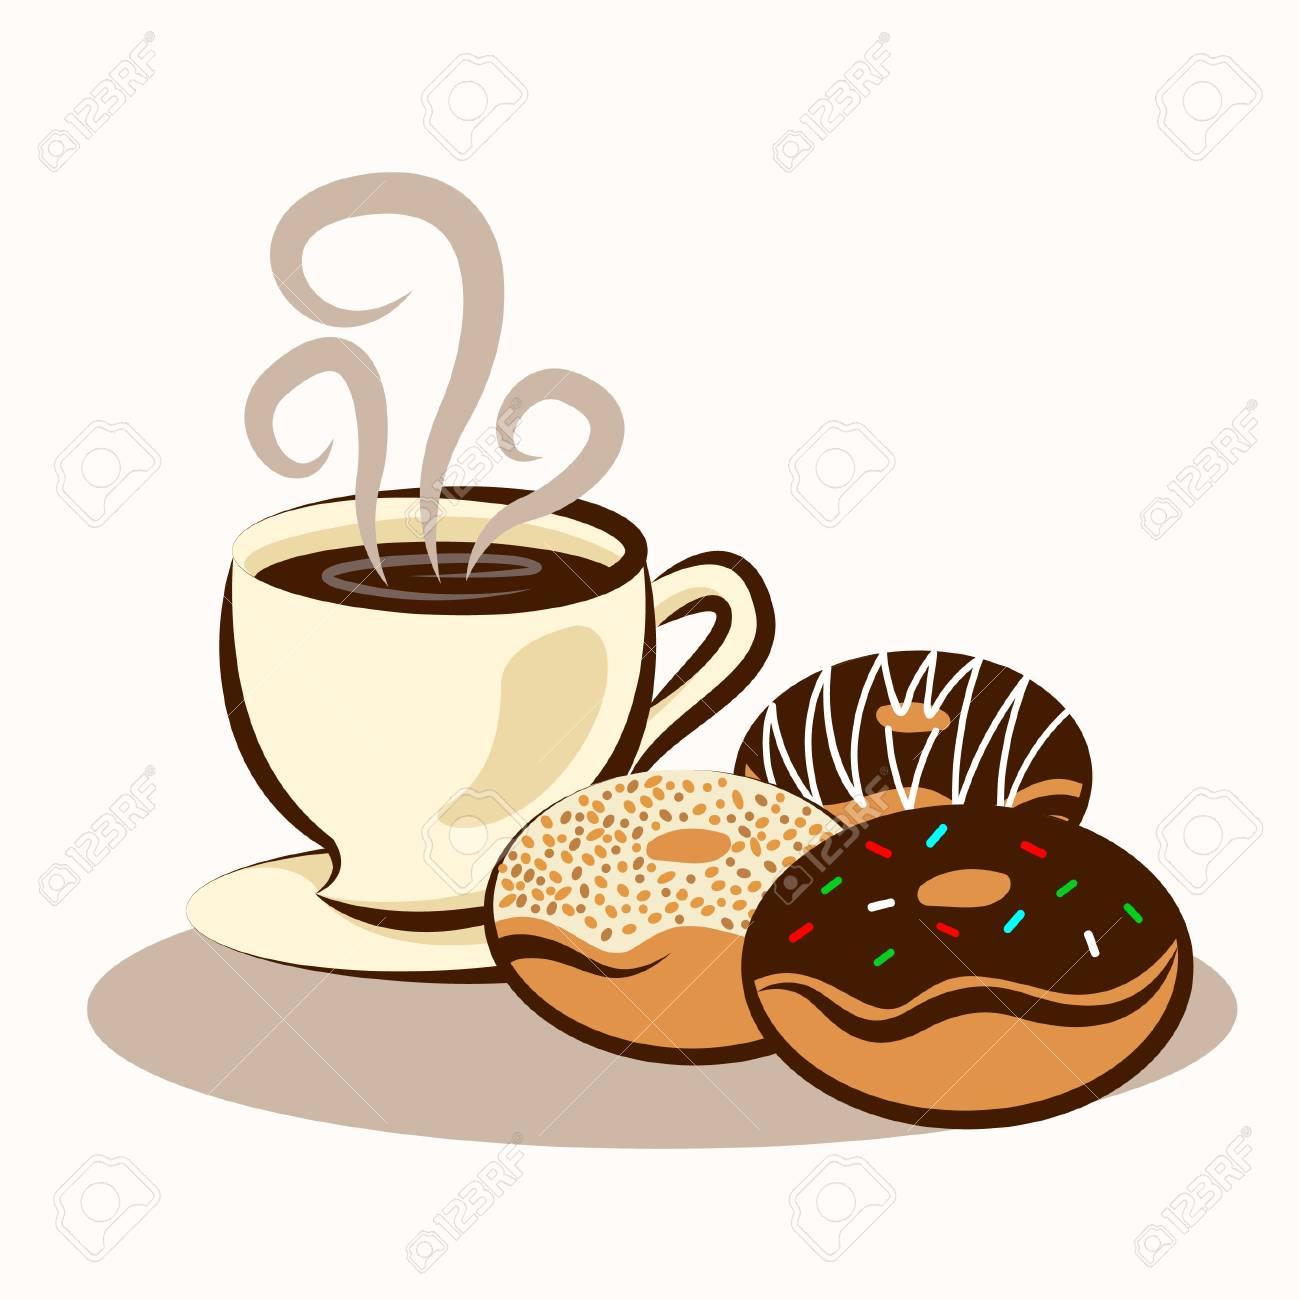 Coffee & Donuts - 121759340